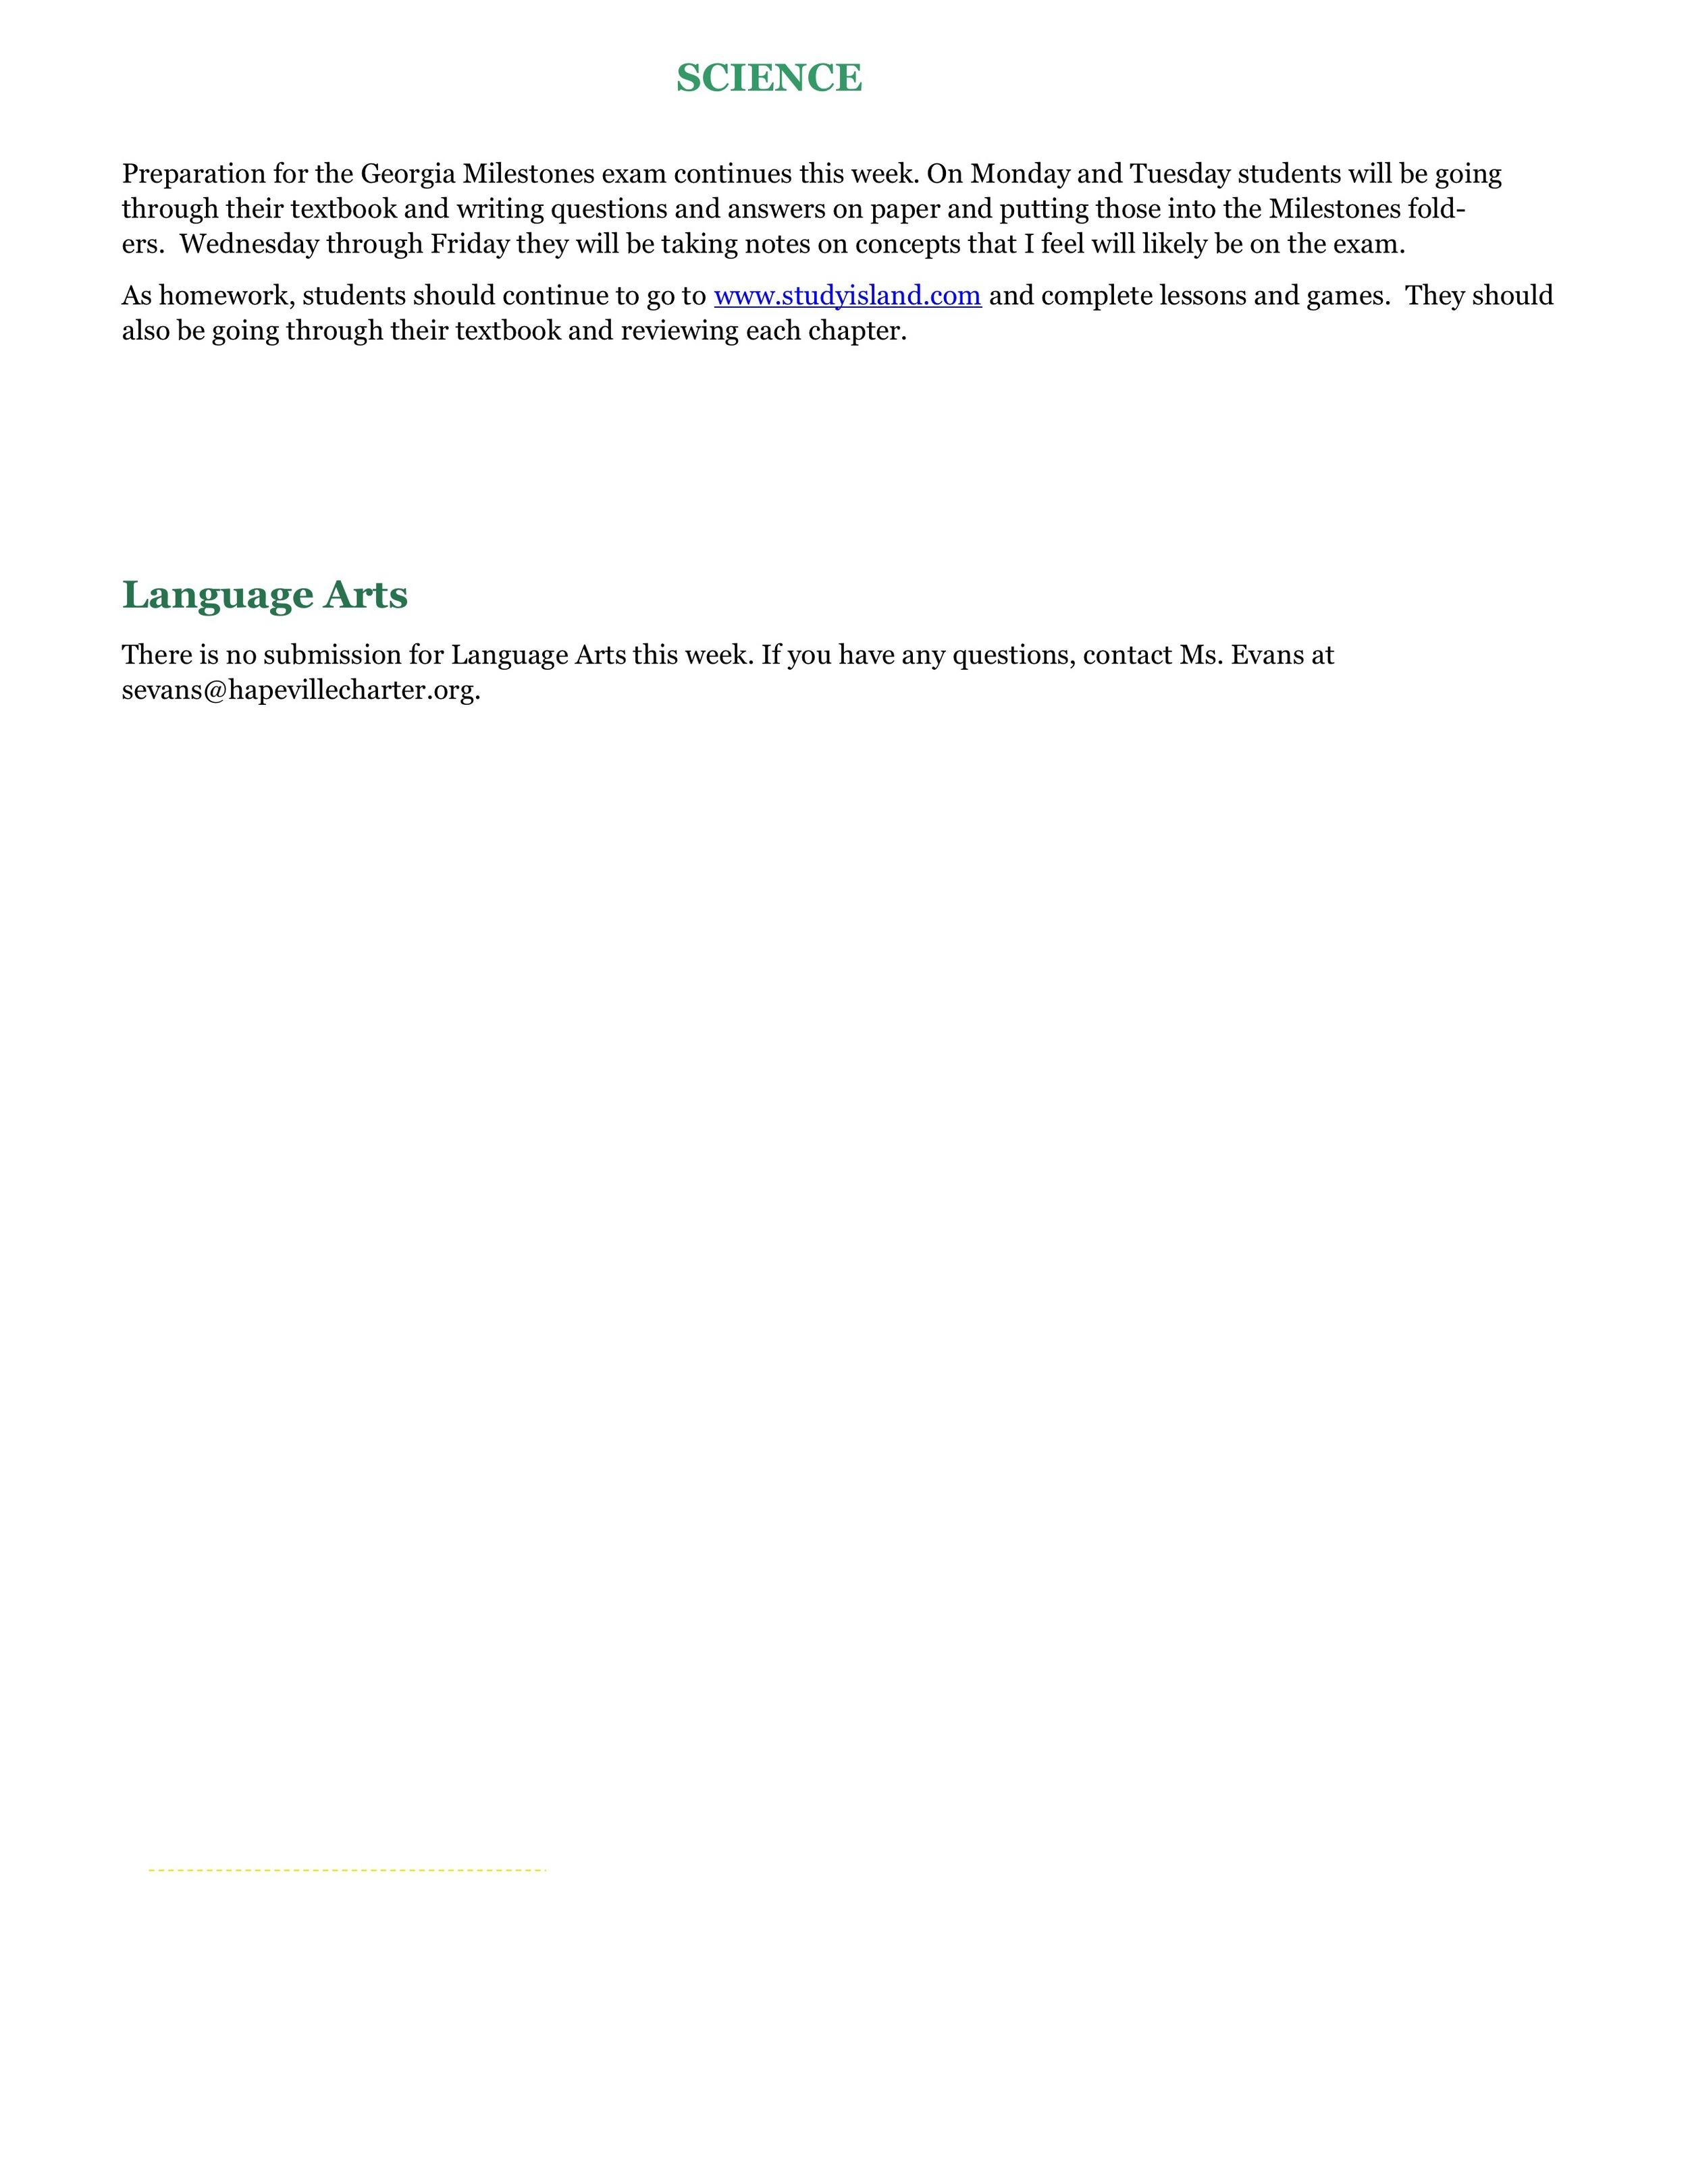 Newsletter ImageMarch 16-20 4.jpeg